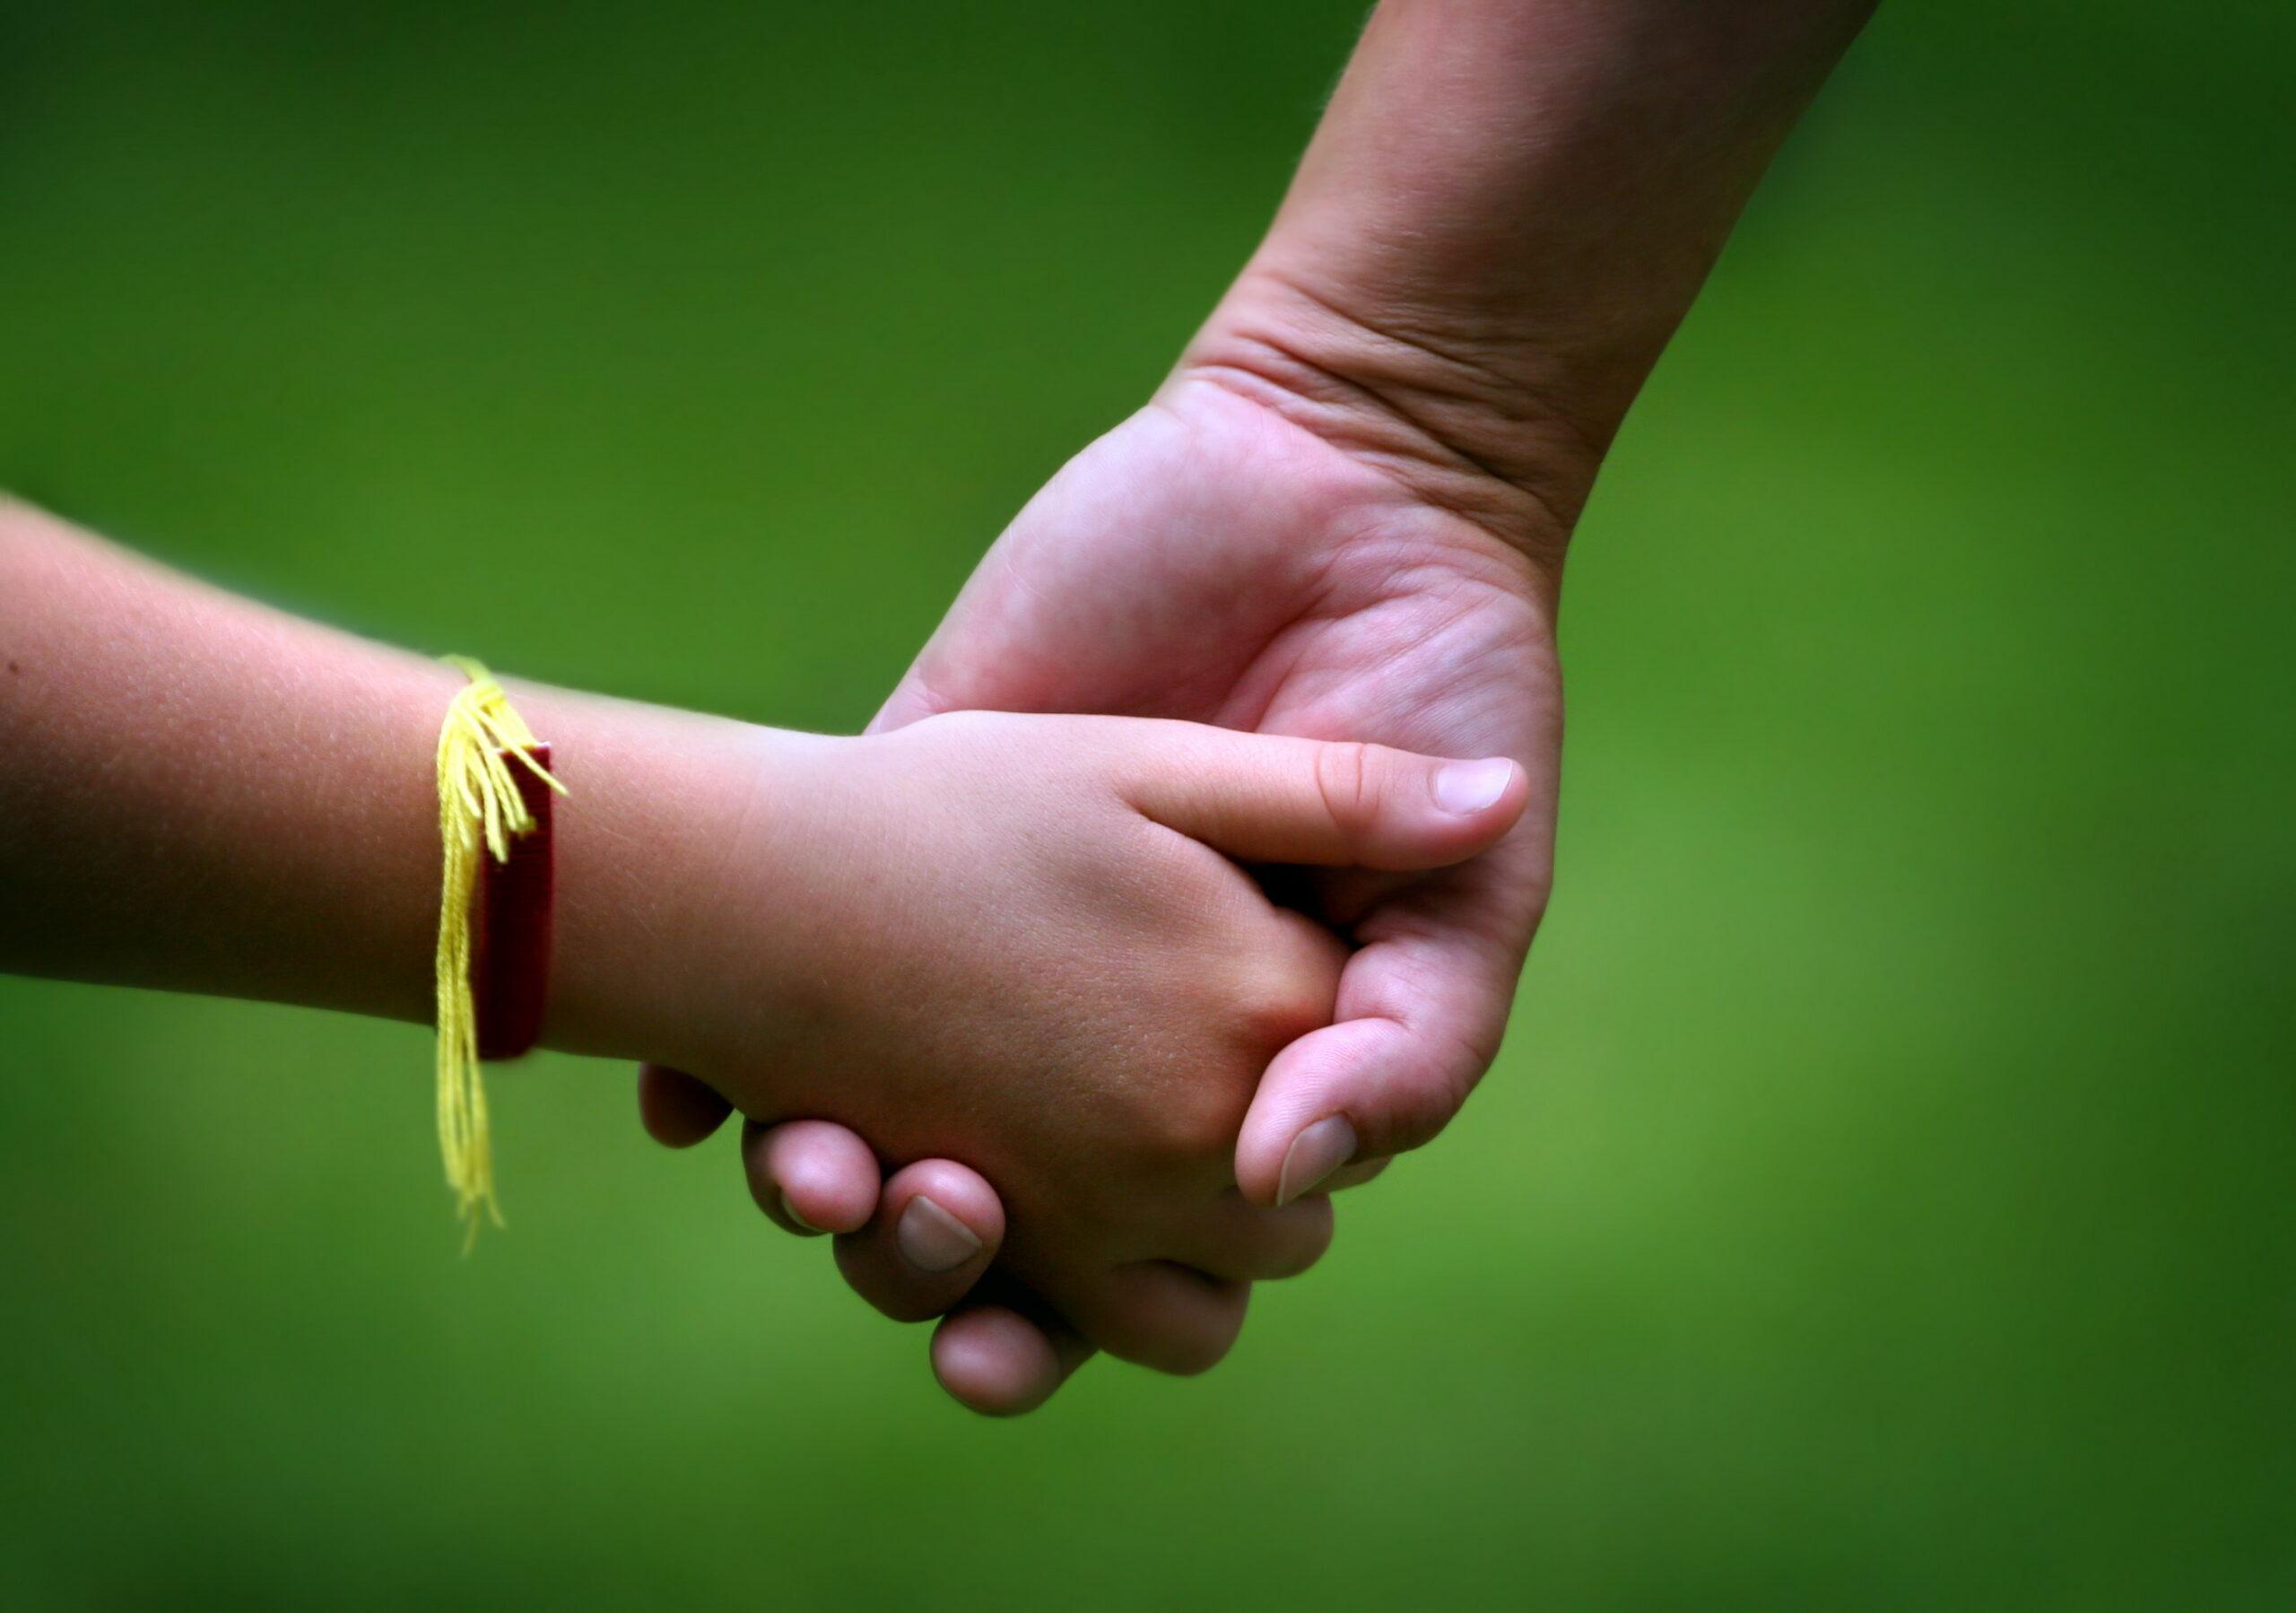 Deklaracja dotycząca partycypacji dzieci i młodzieży w życiu społecznym [KONSULTACJE SPOŁ. UNICEF]